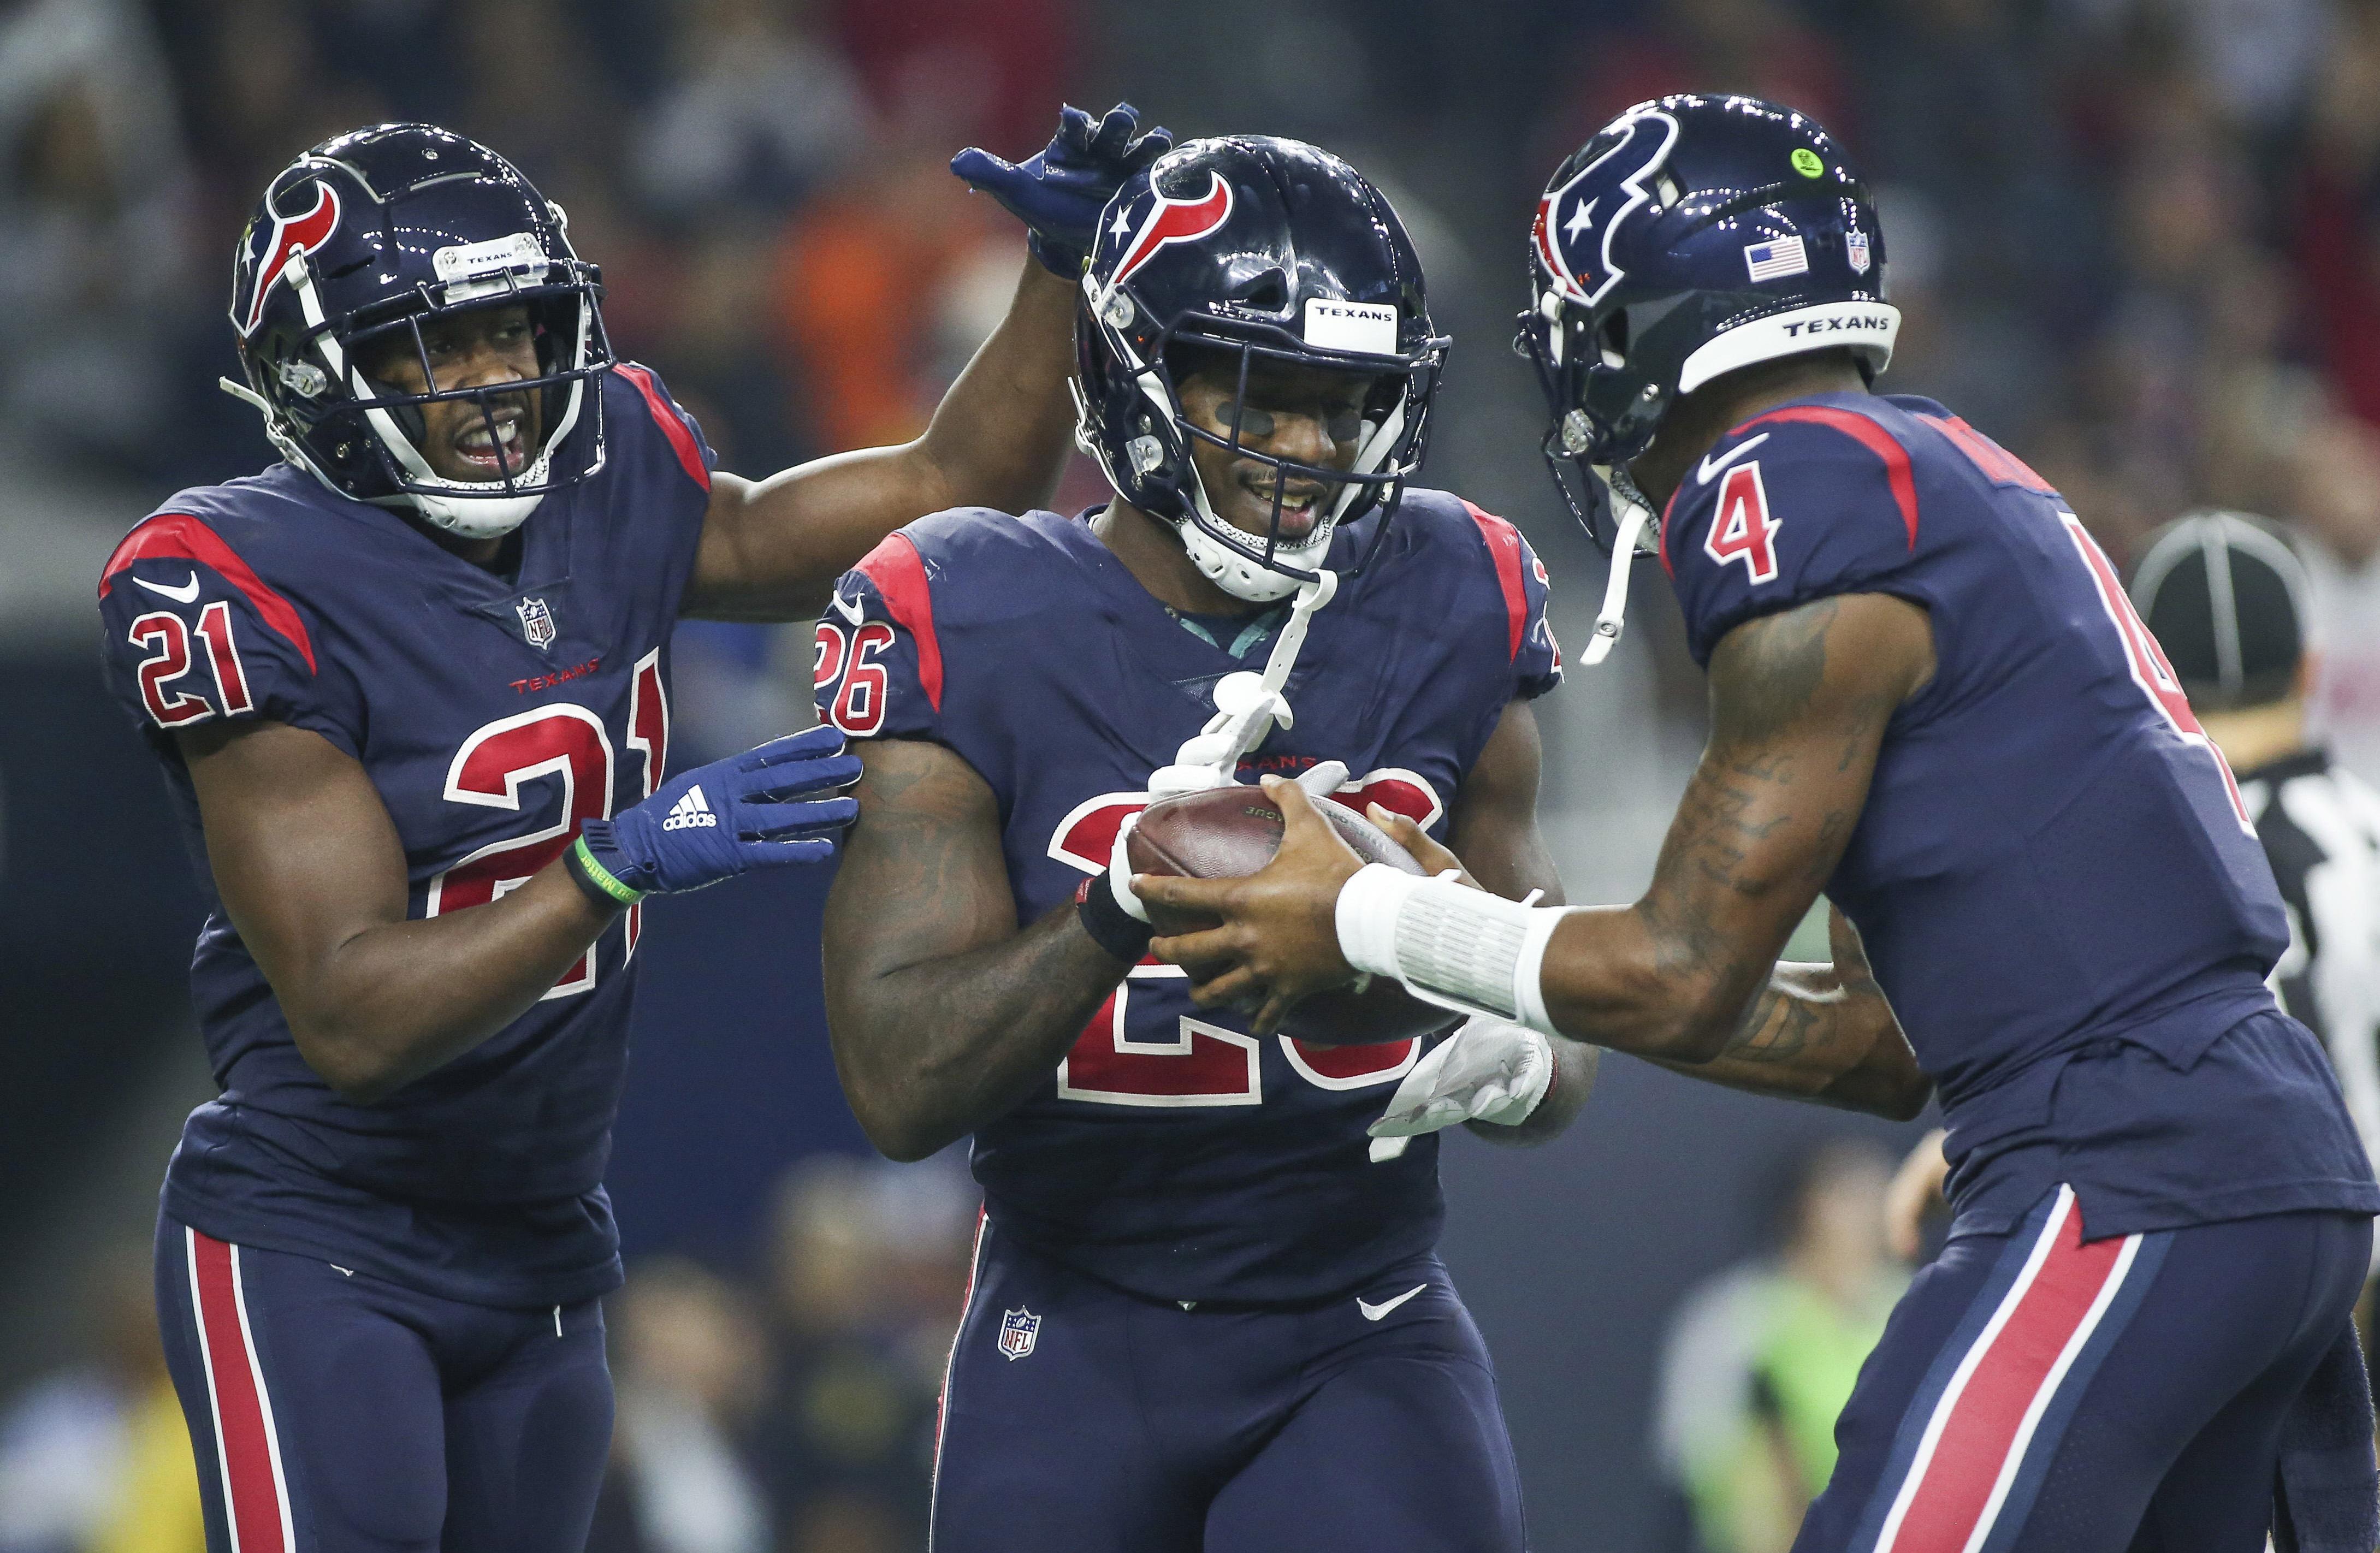 NFL: Miami Dolphins at Houston Texans